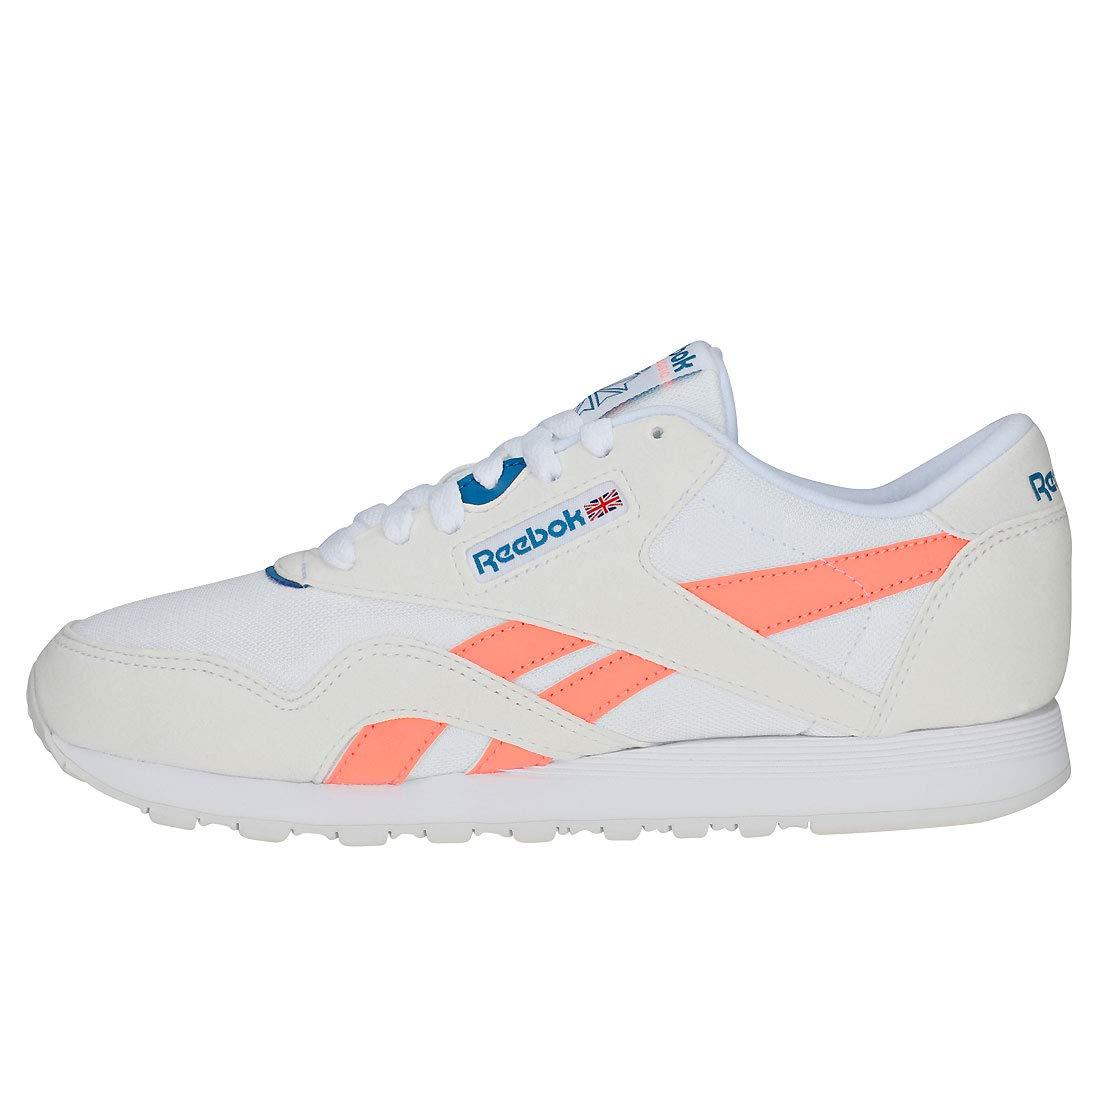 Schuhe Reebok Classic Nylon Weiß Rosa CN2966 Damen Herren